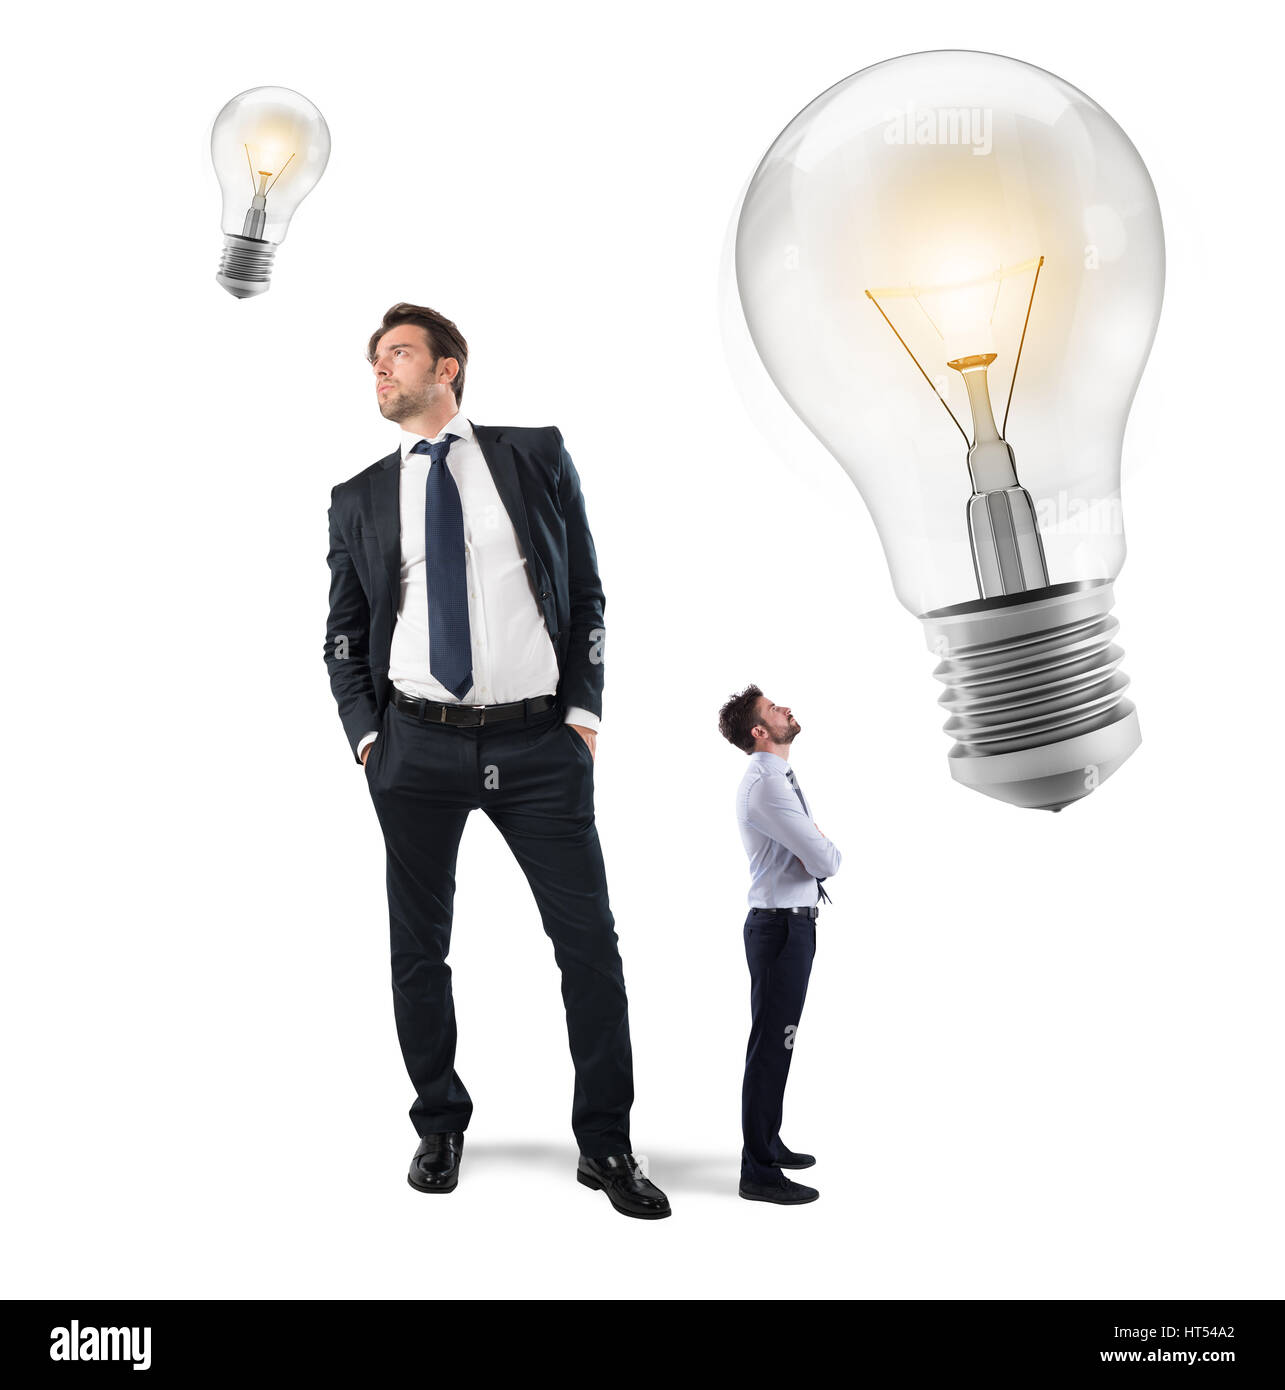 Grandi idee da piccoli imprenditori Immagini Stock